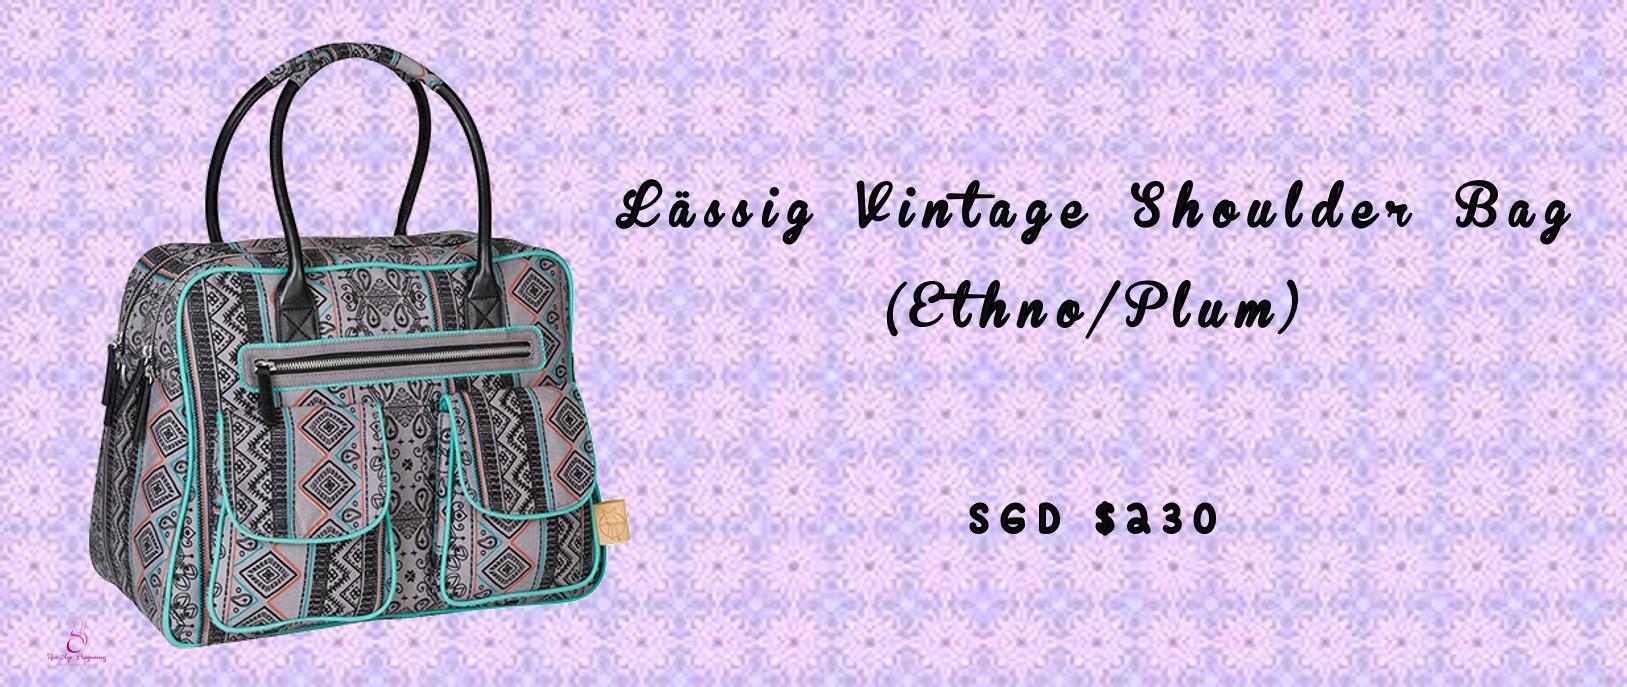 Lässig Vintage Shoulder Bag (Ethno/Plum)